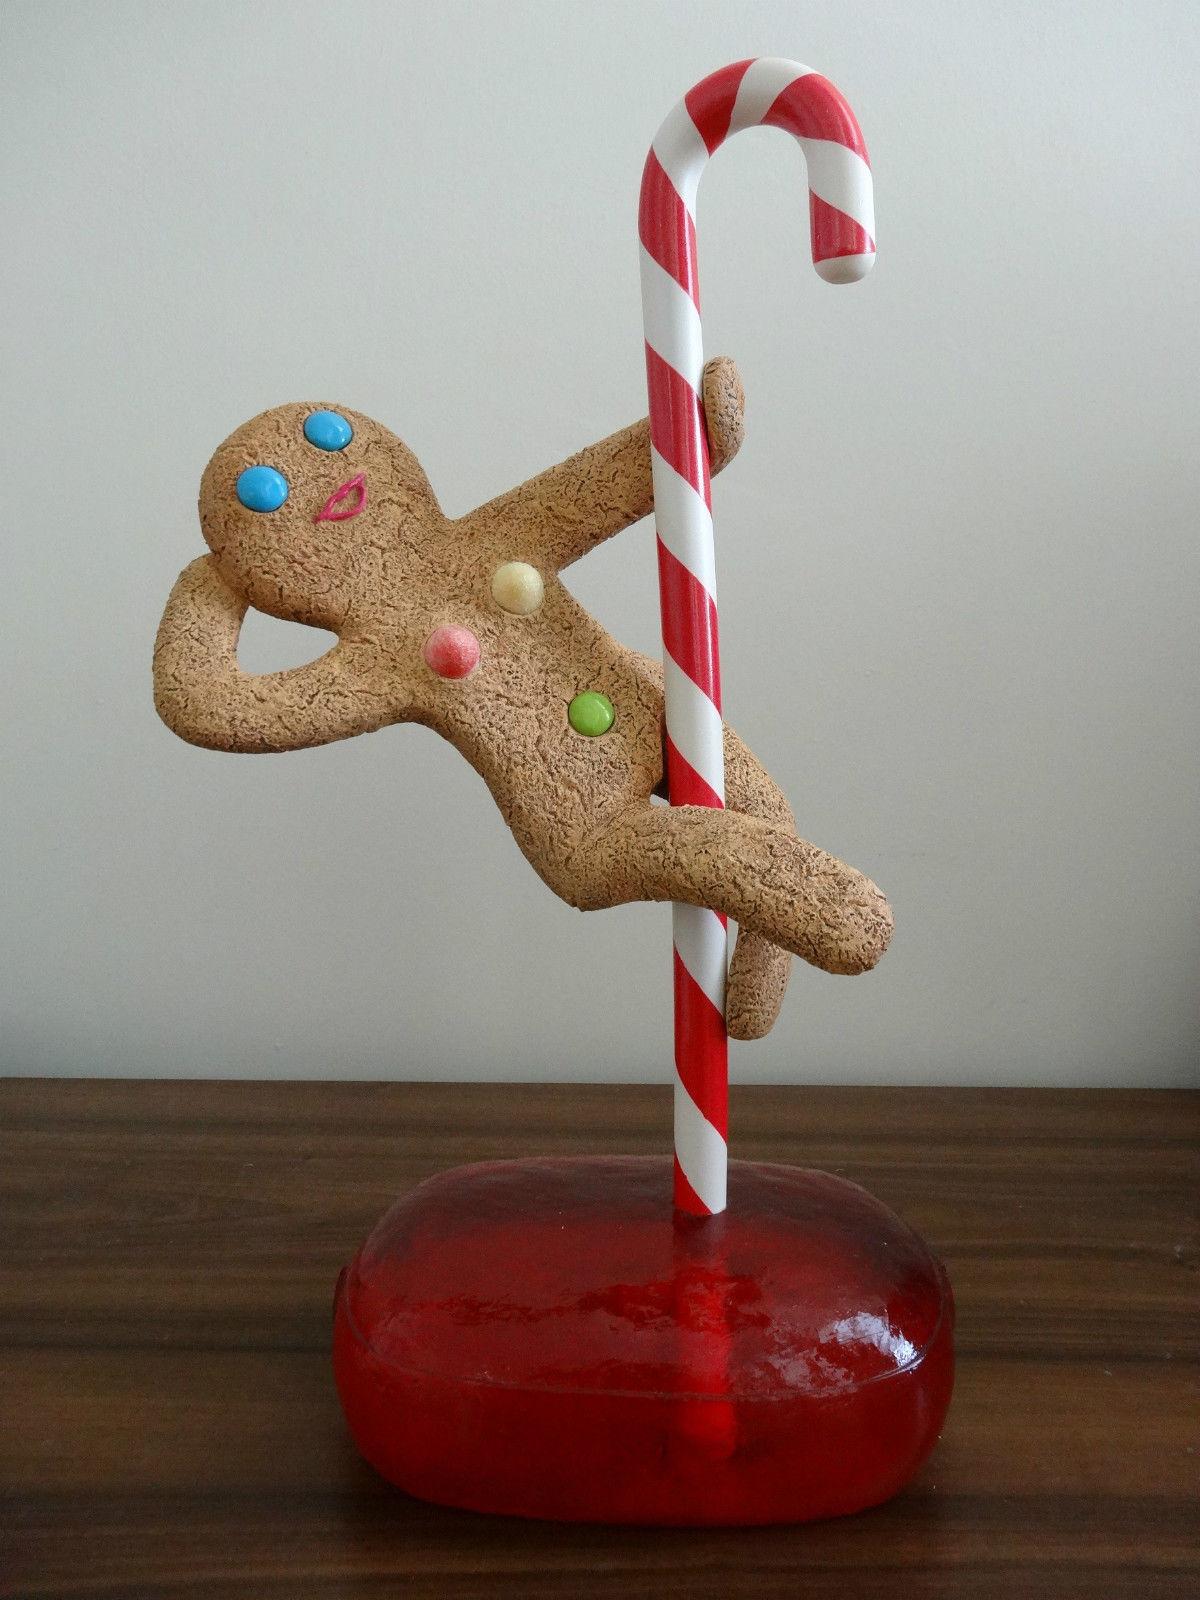 Rude Food - Sculpture by Sarah Jane Szikora